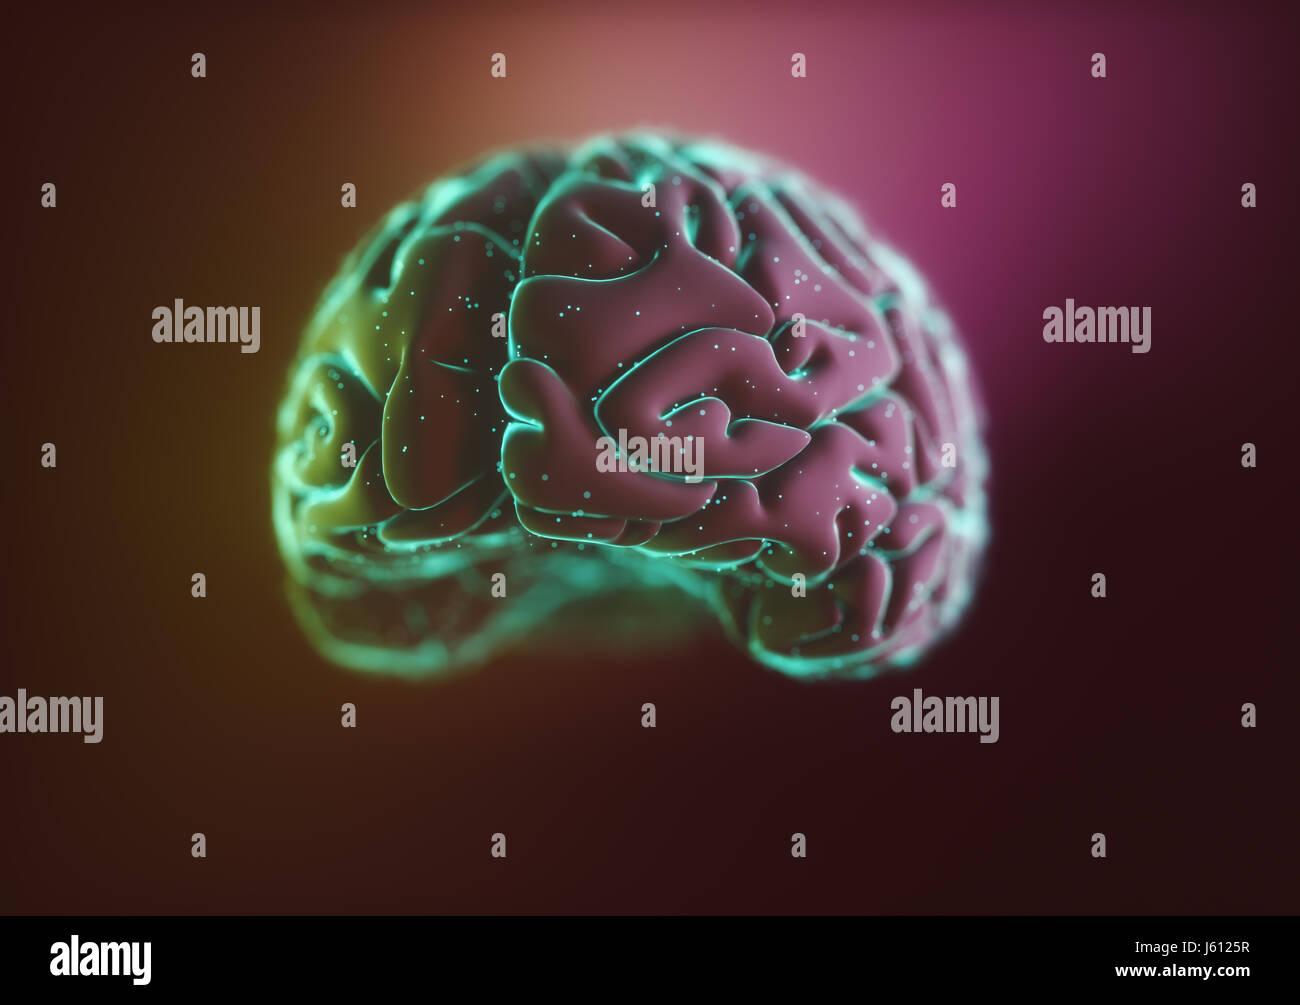 Ilustración 3D. Imagen estilizada de un cerebro dentro de un líquido con burbujas de aire alrededor. Imagen De Stock